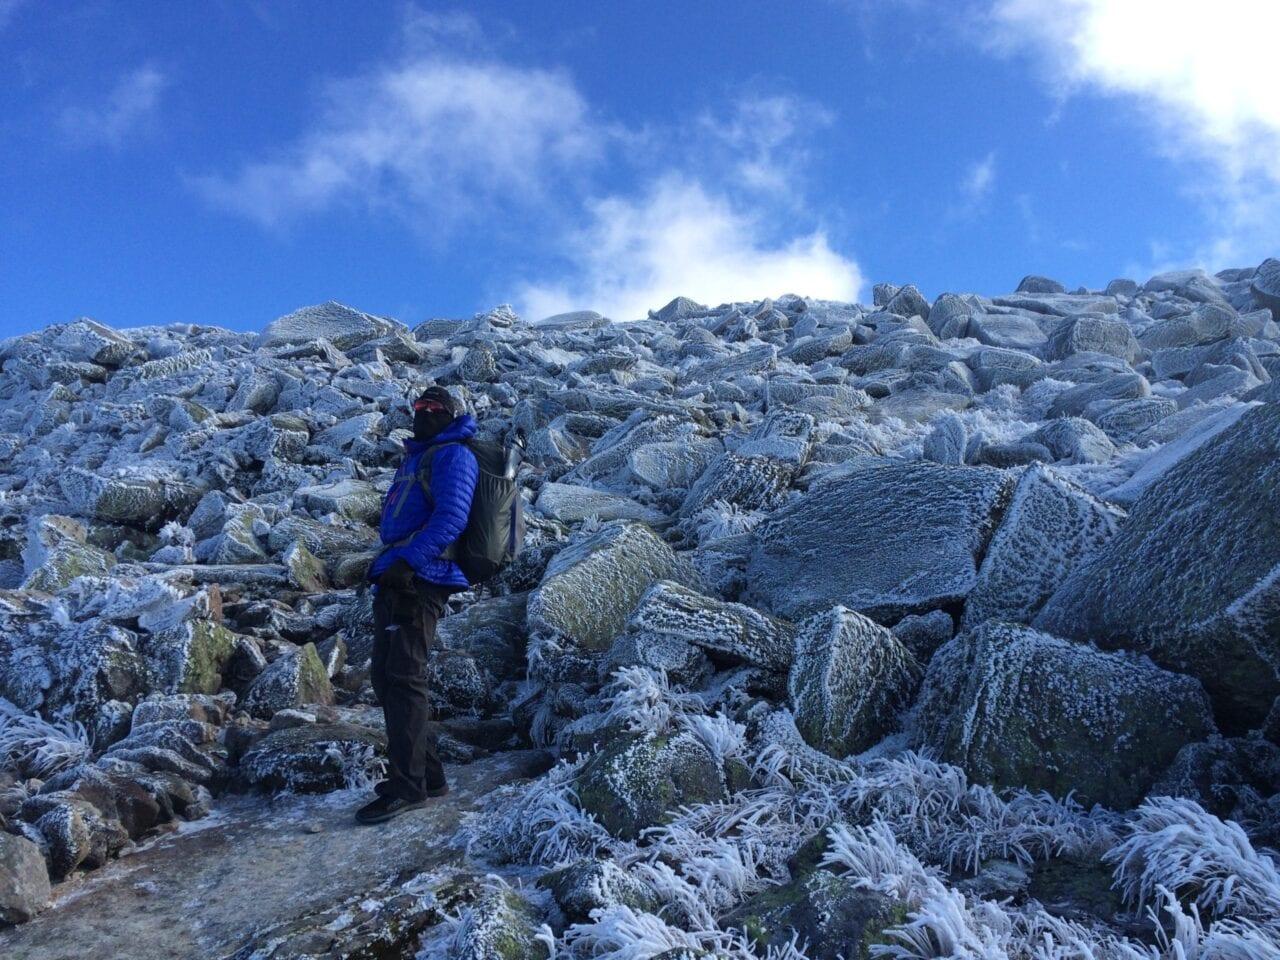 A hiker crosses a massive boulder field.